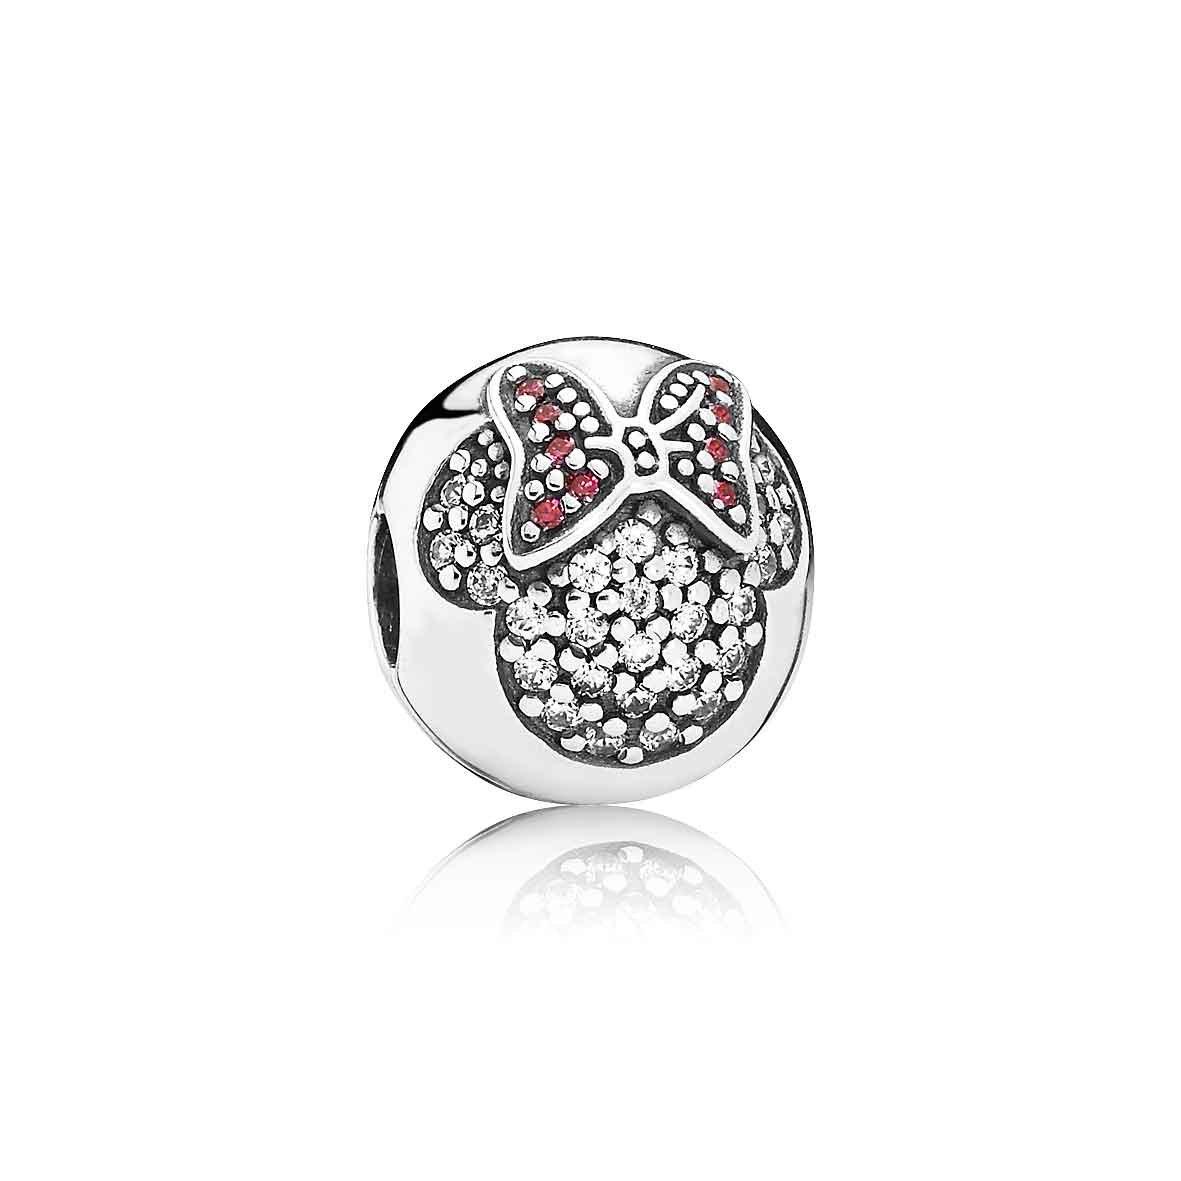 Pandora Disney Clip Minnie Pavé With Regard To Most Up To Date Pandora Logo Pavé Rings (View 18 of 25)